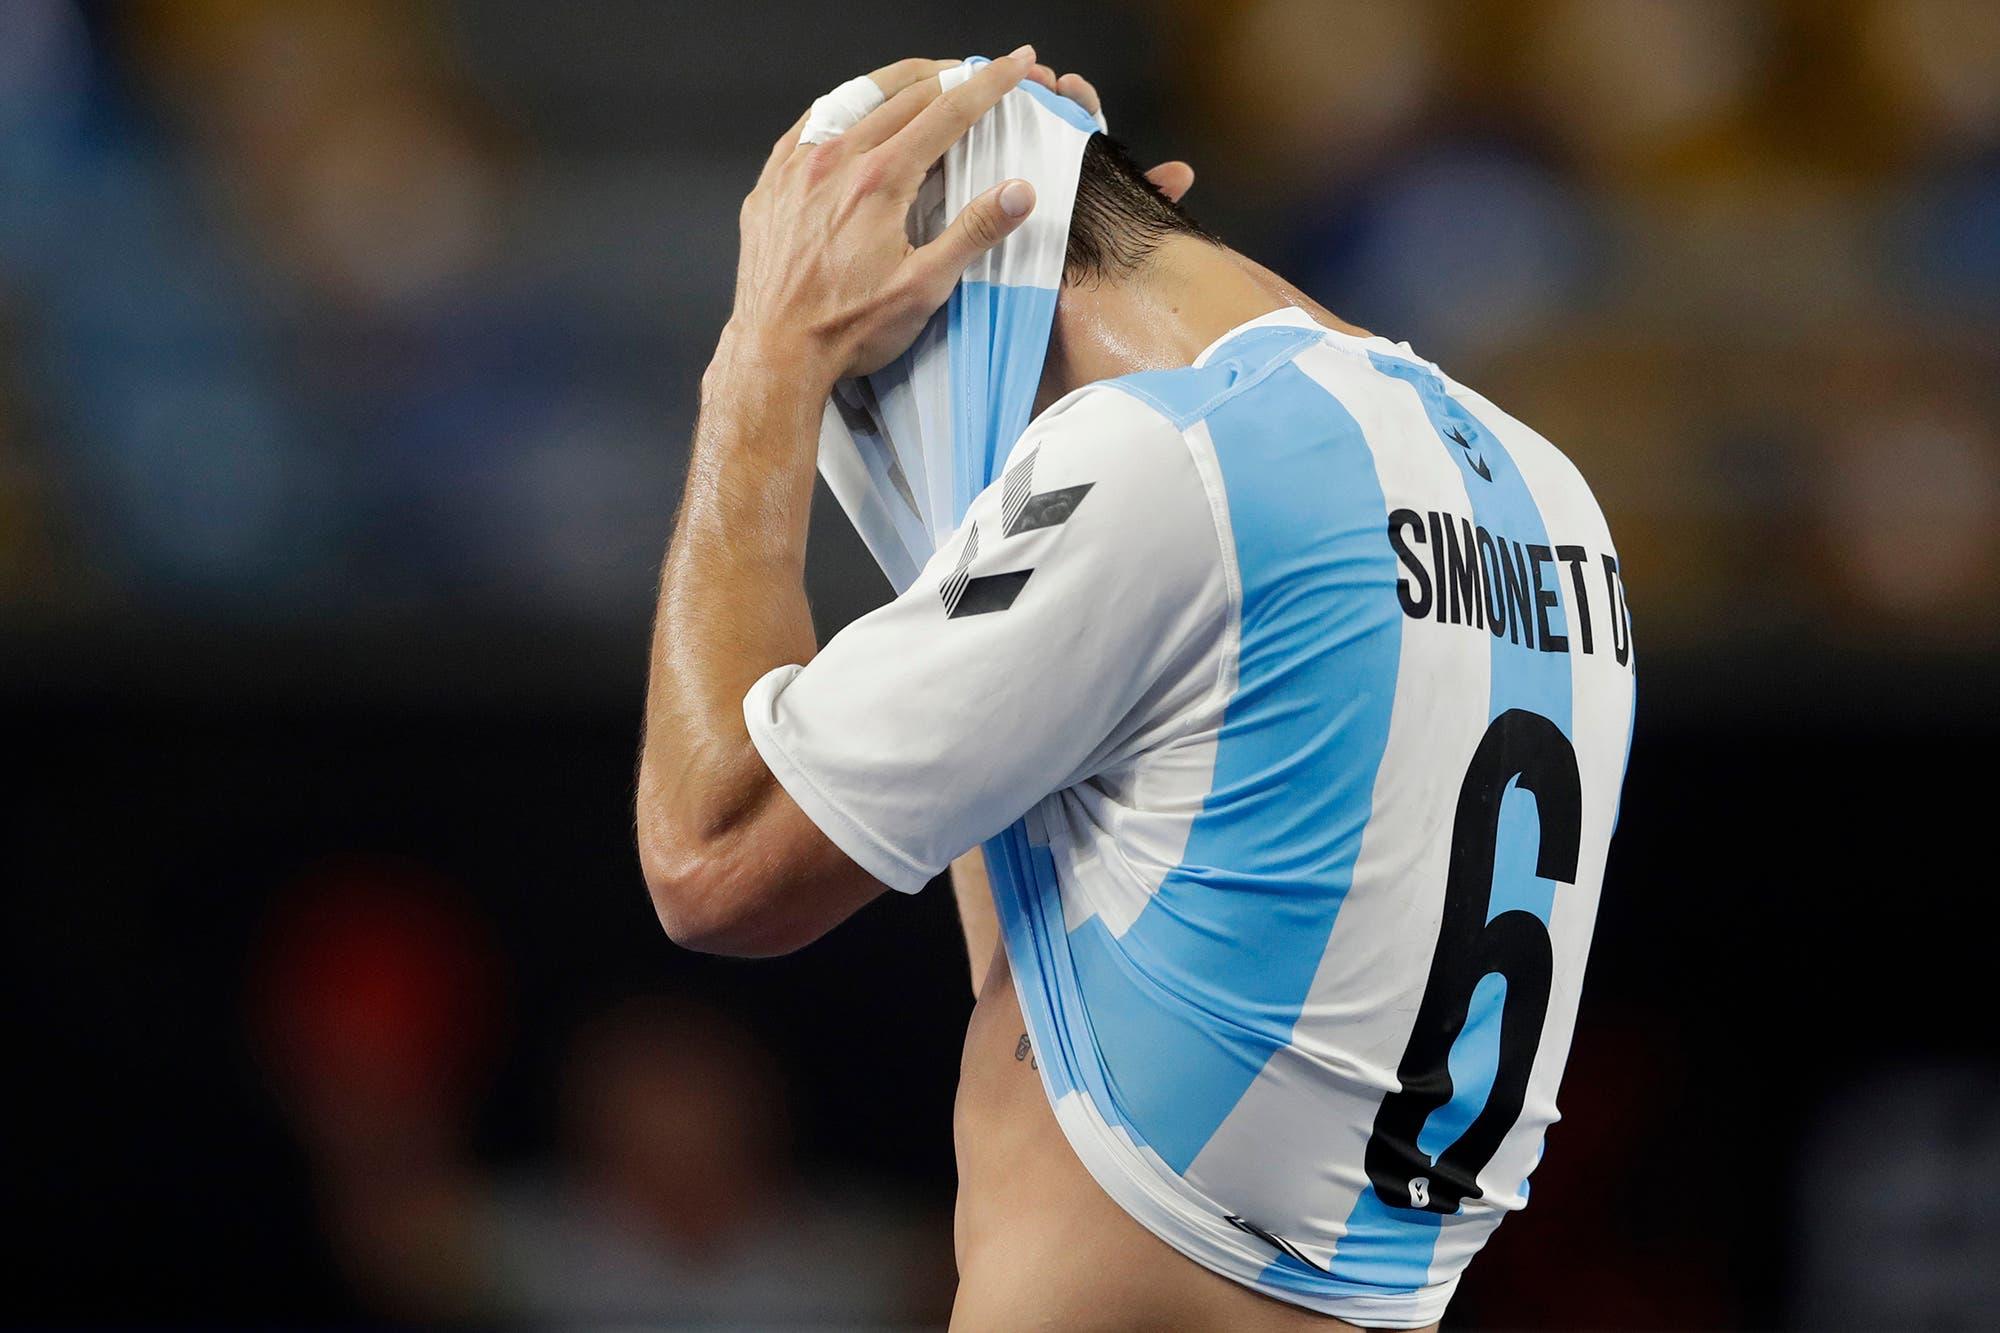 Mundial de handball: la polémica jugada final en la eliminación argentina y la autocrítica del Chino Simonet